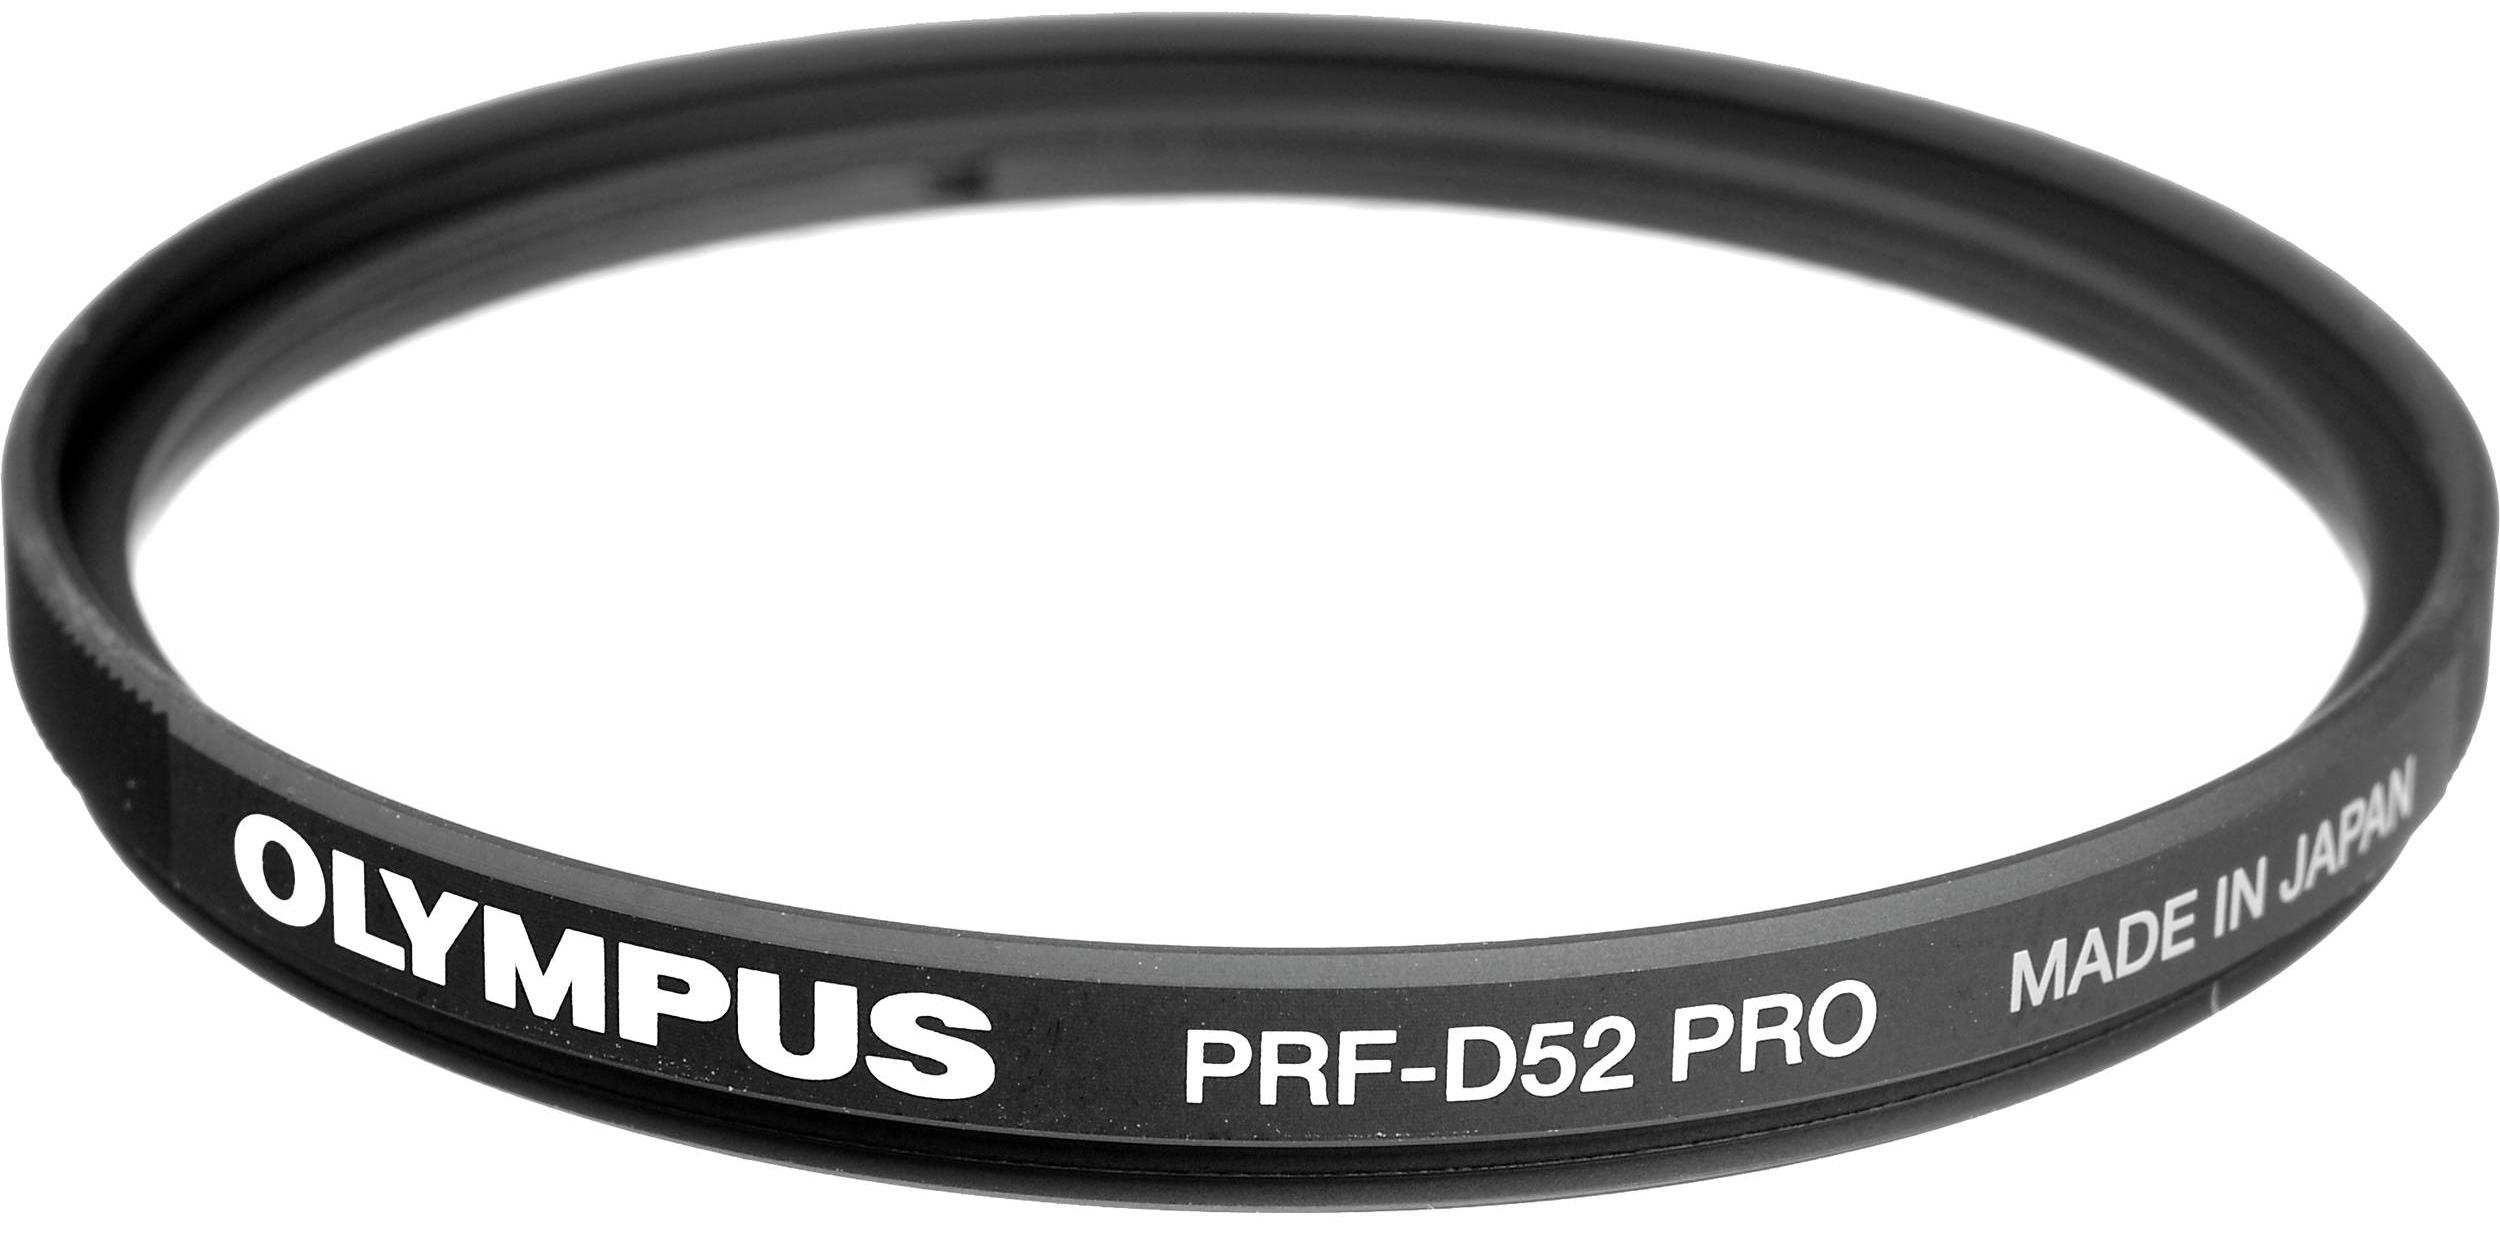 OLYMPUS PRF-D52 PRO MFT ochranný filtr M.Zuiko 9-18mm objektiv